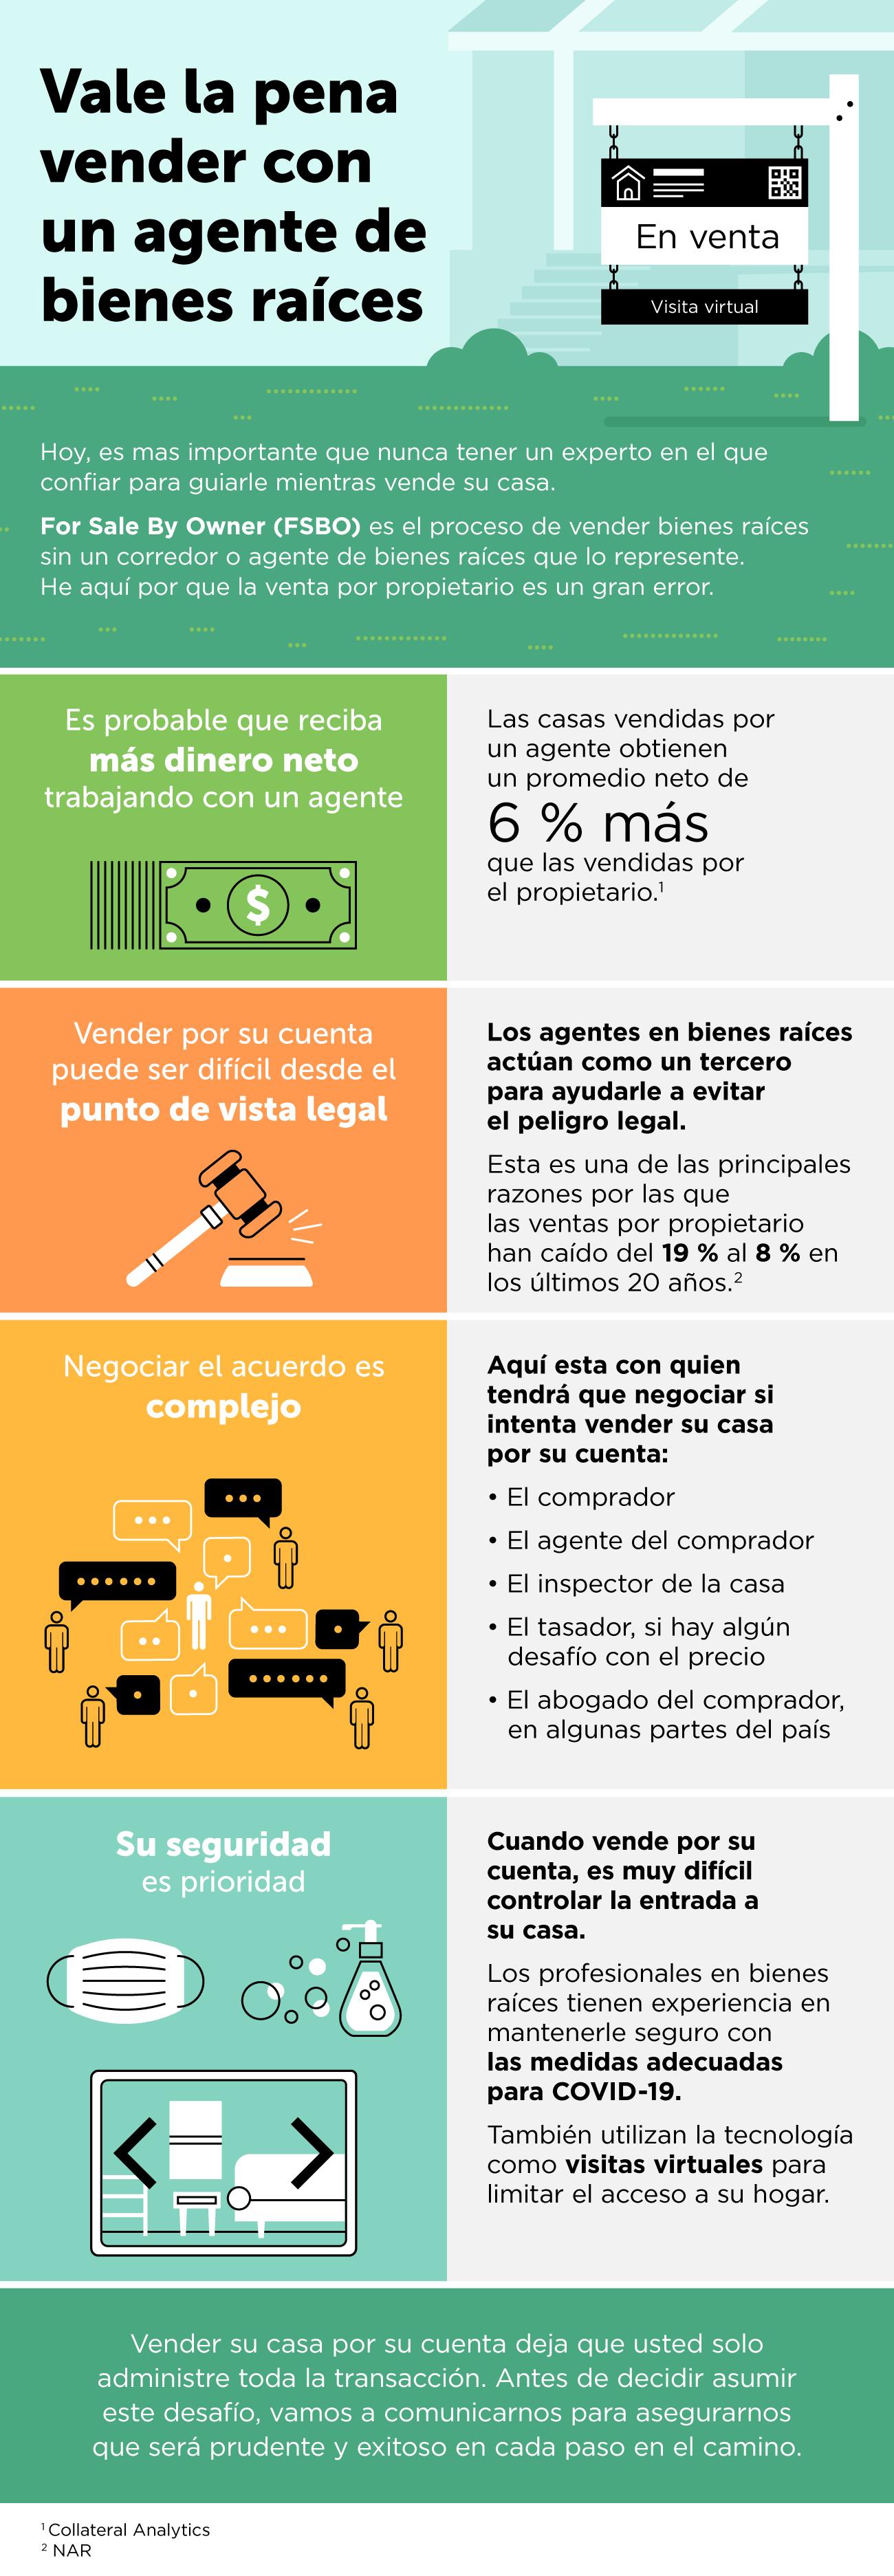 Vale la pena vender con un agente de bienes raíces [infografía] | Simplifying The Market